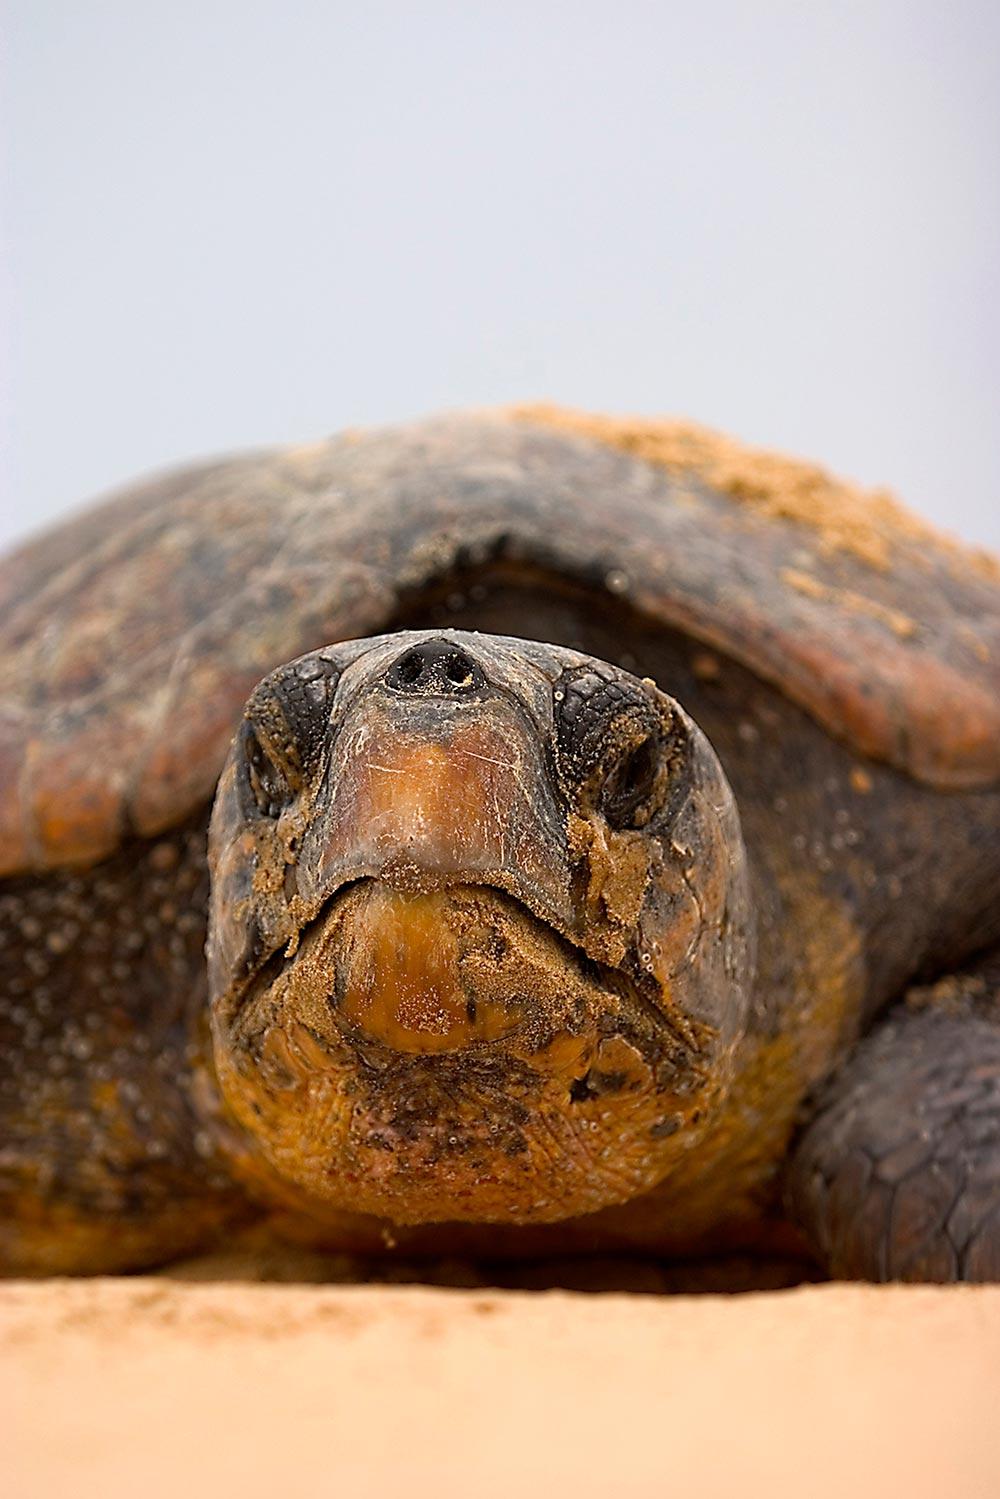 turtle tracking - Loggerhead Turtle